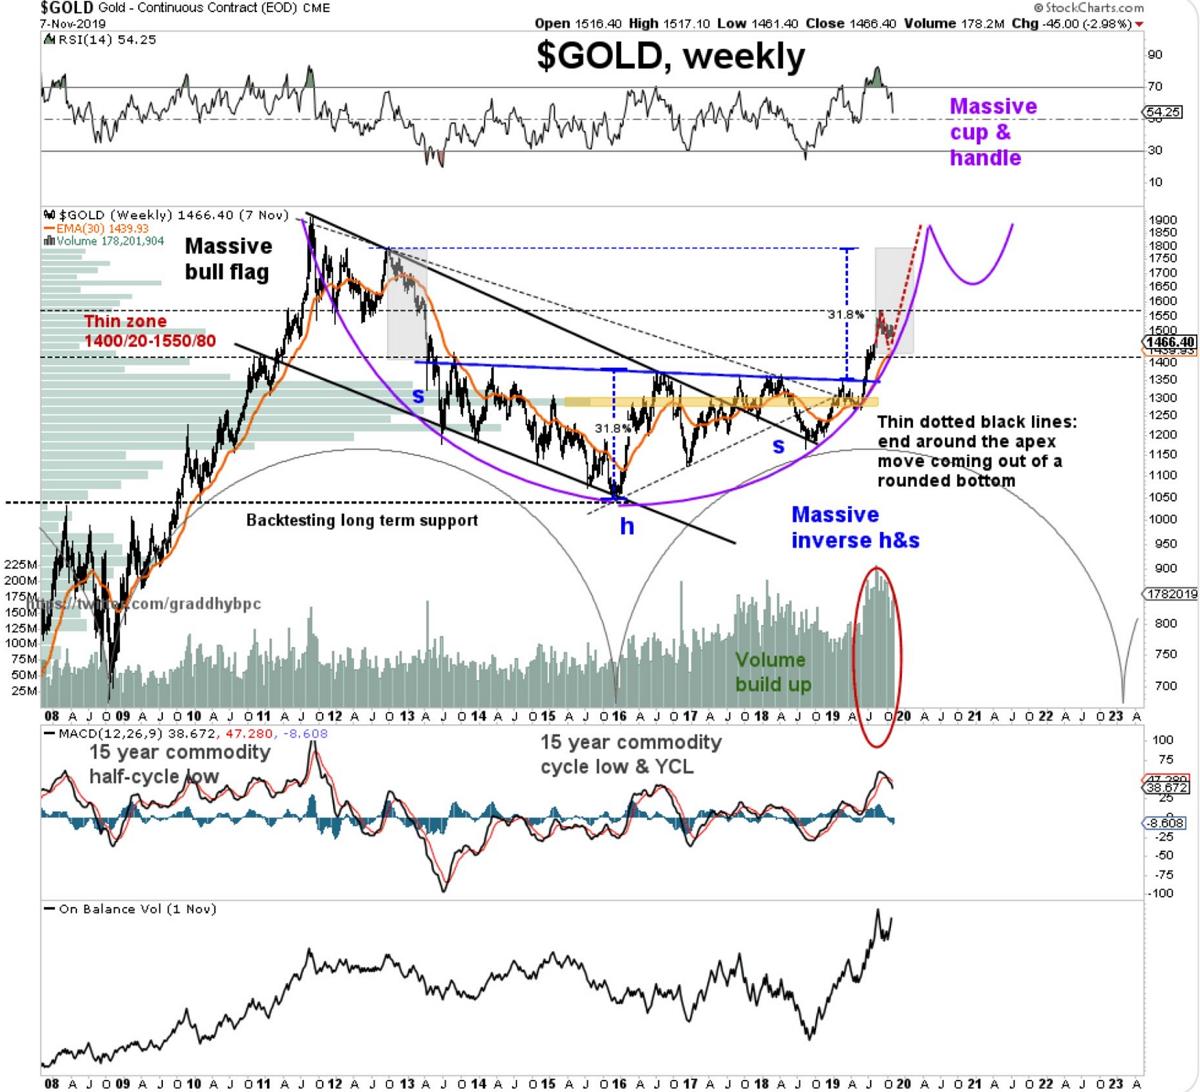 국제 금 시세 전망 : 완벽한 컵손잡이 패턴, 1800 달러까지 상승 예상